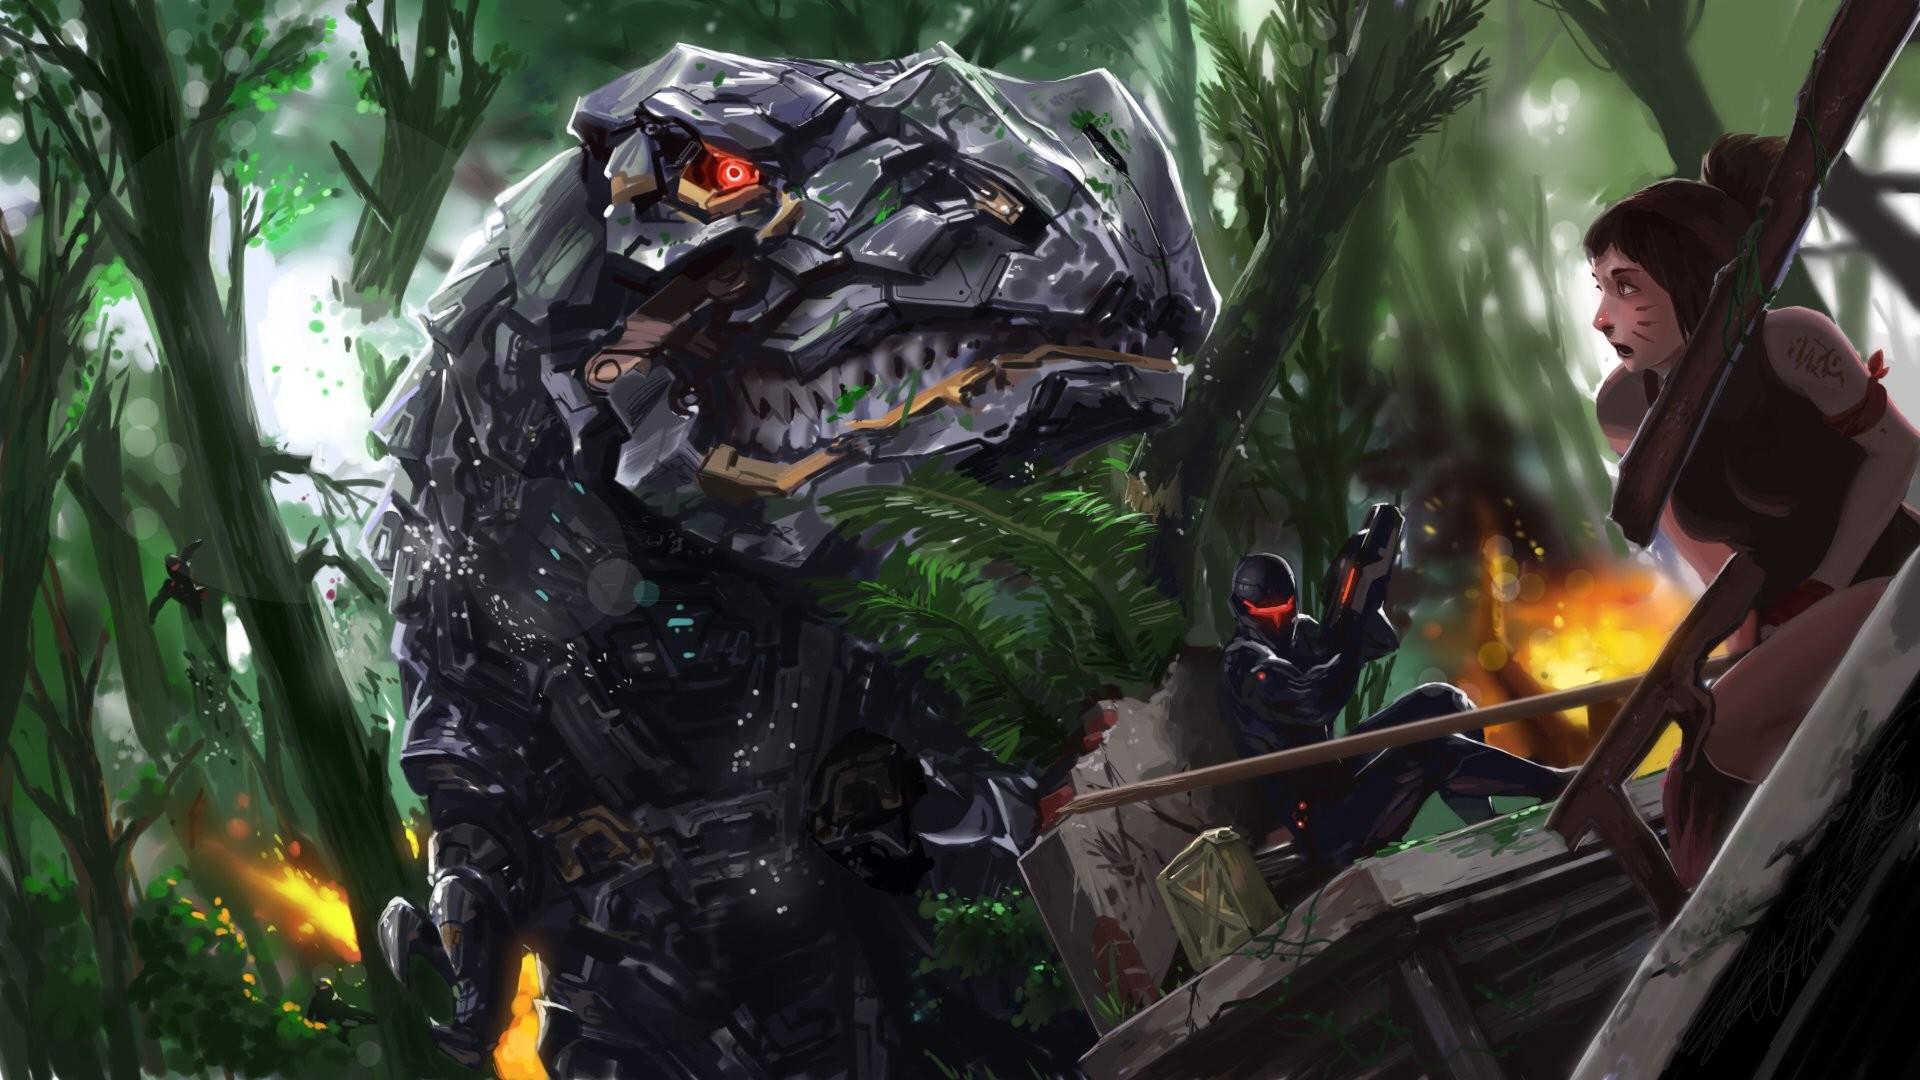 Sci Fi – Mech Dinosaur Robot Wallpaper